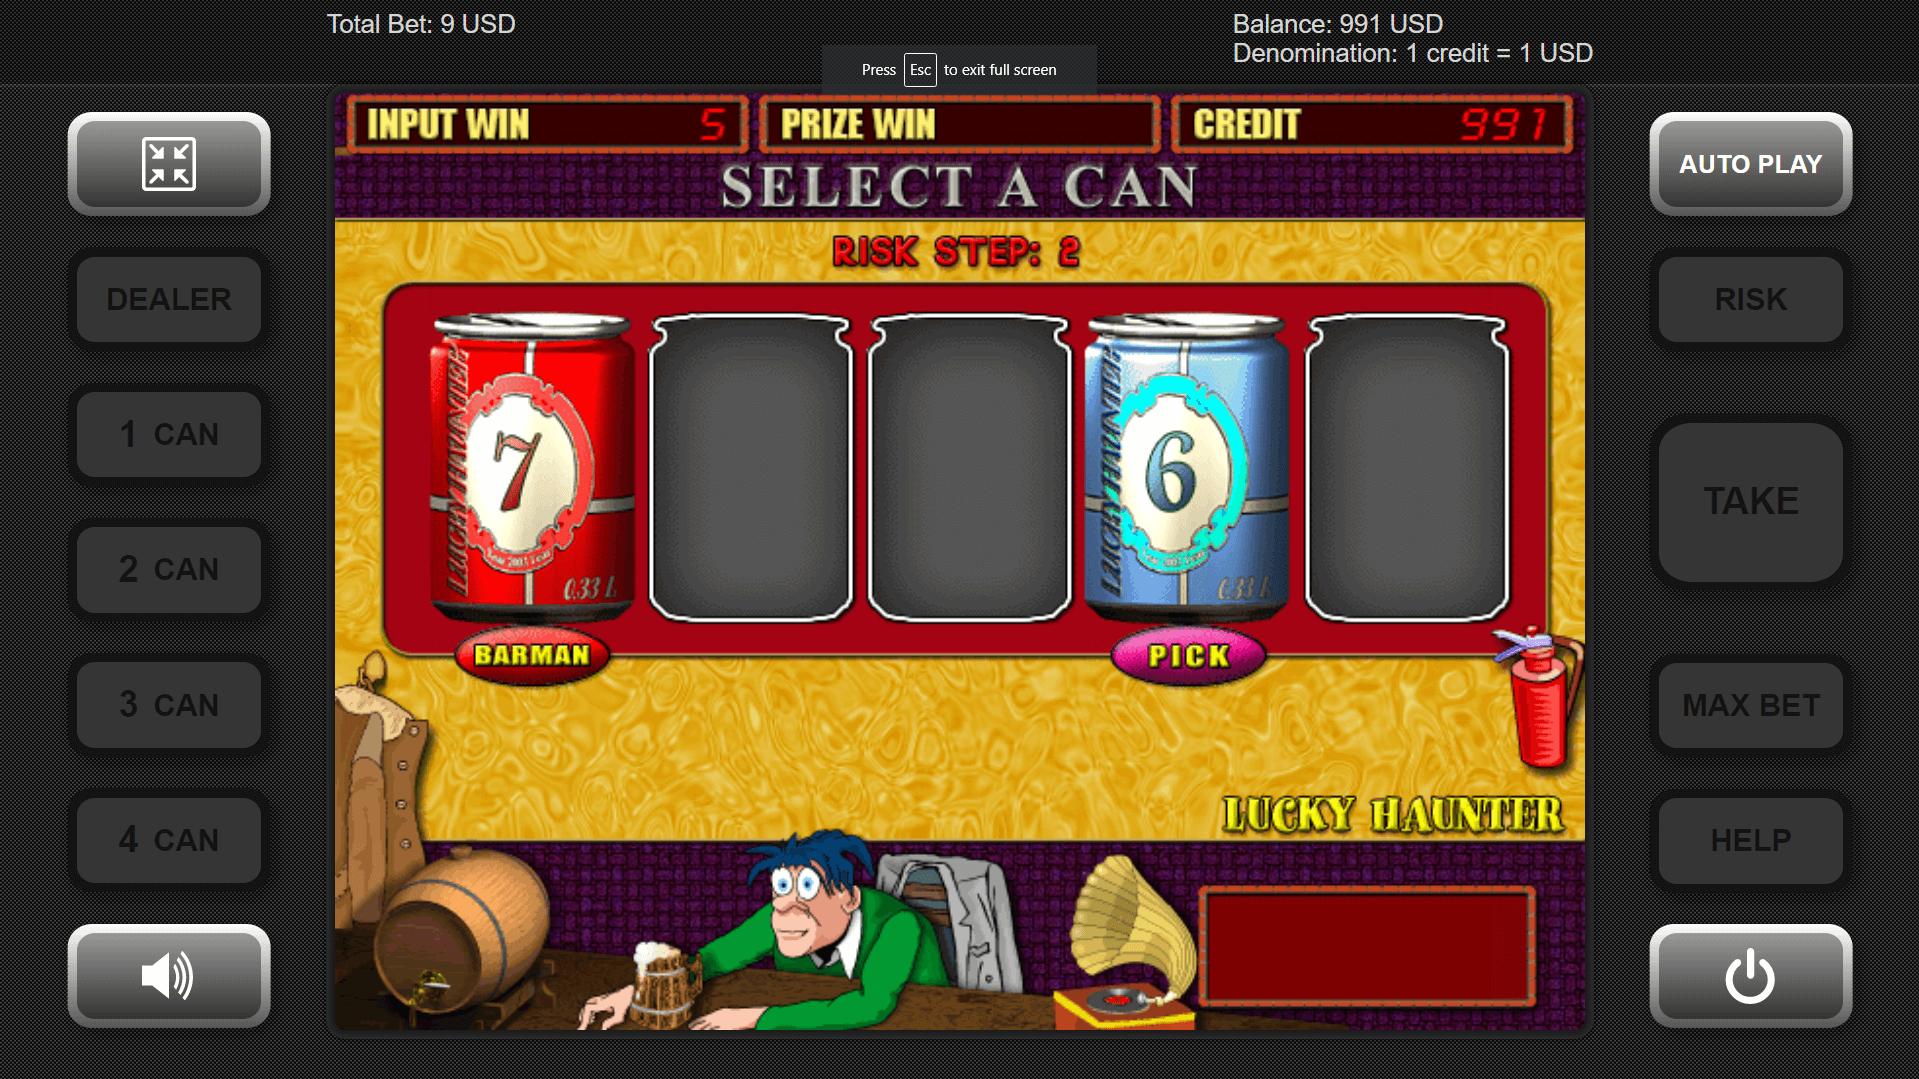 Online Slots Lucky Haunter